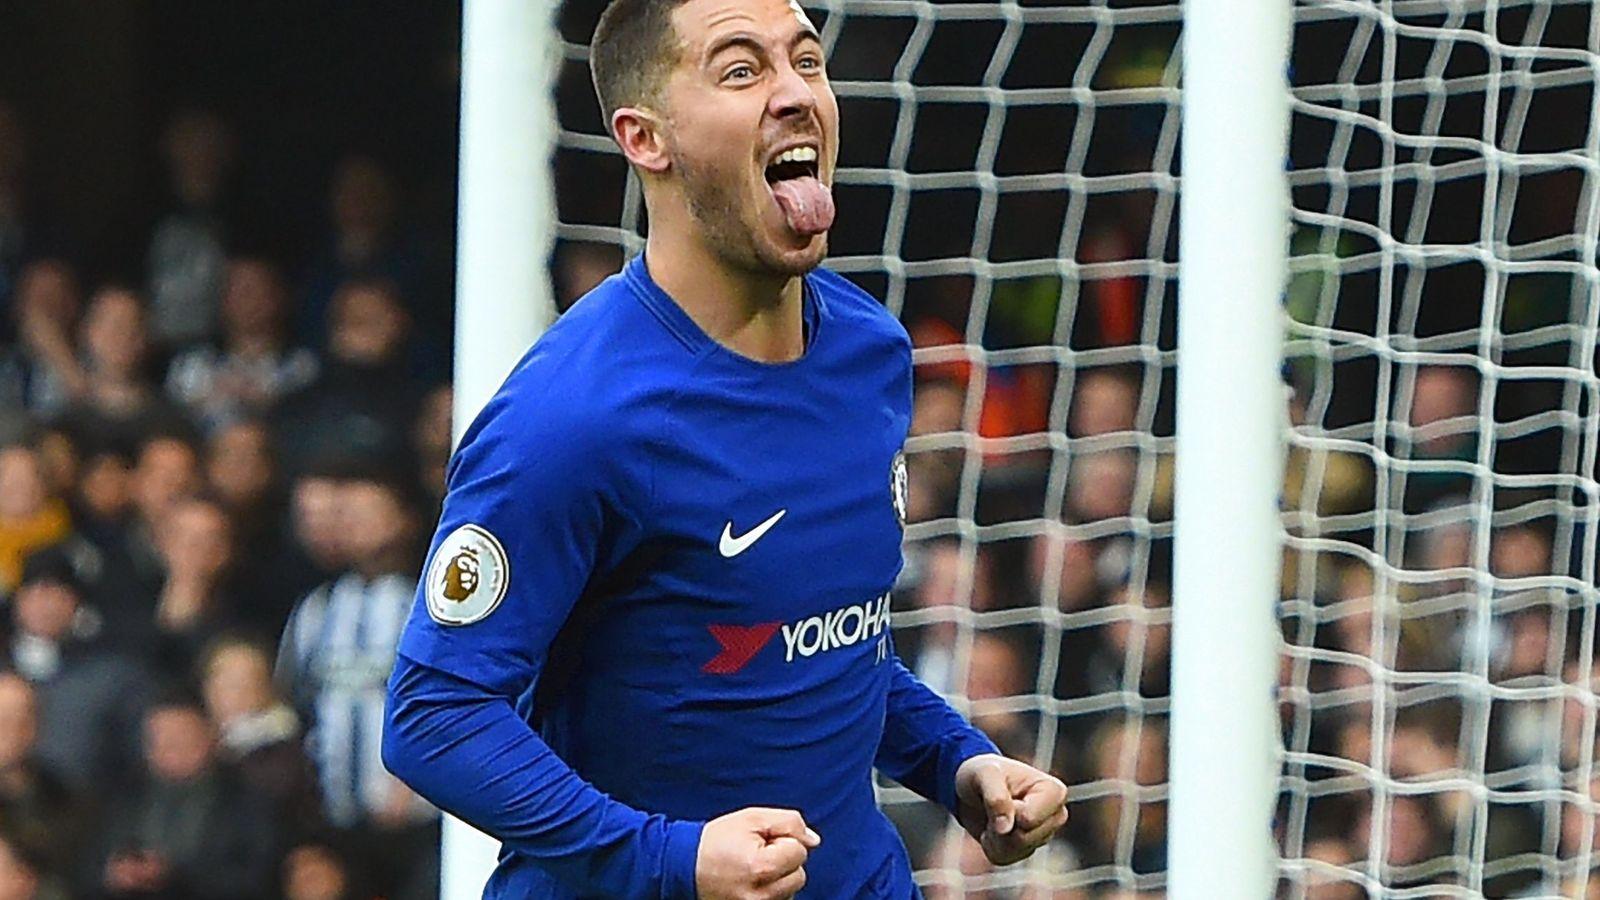 Foto: Hazard celebra un gol marcado con el Chelsea. (EFE)